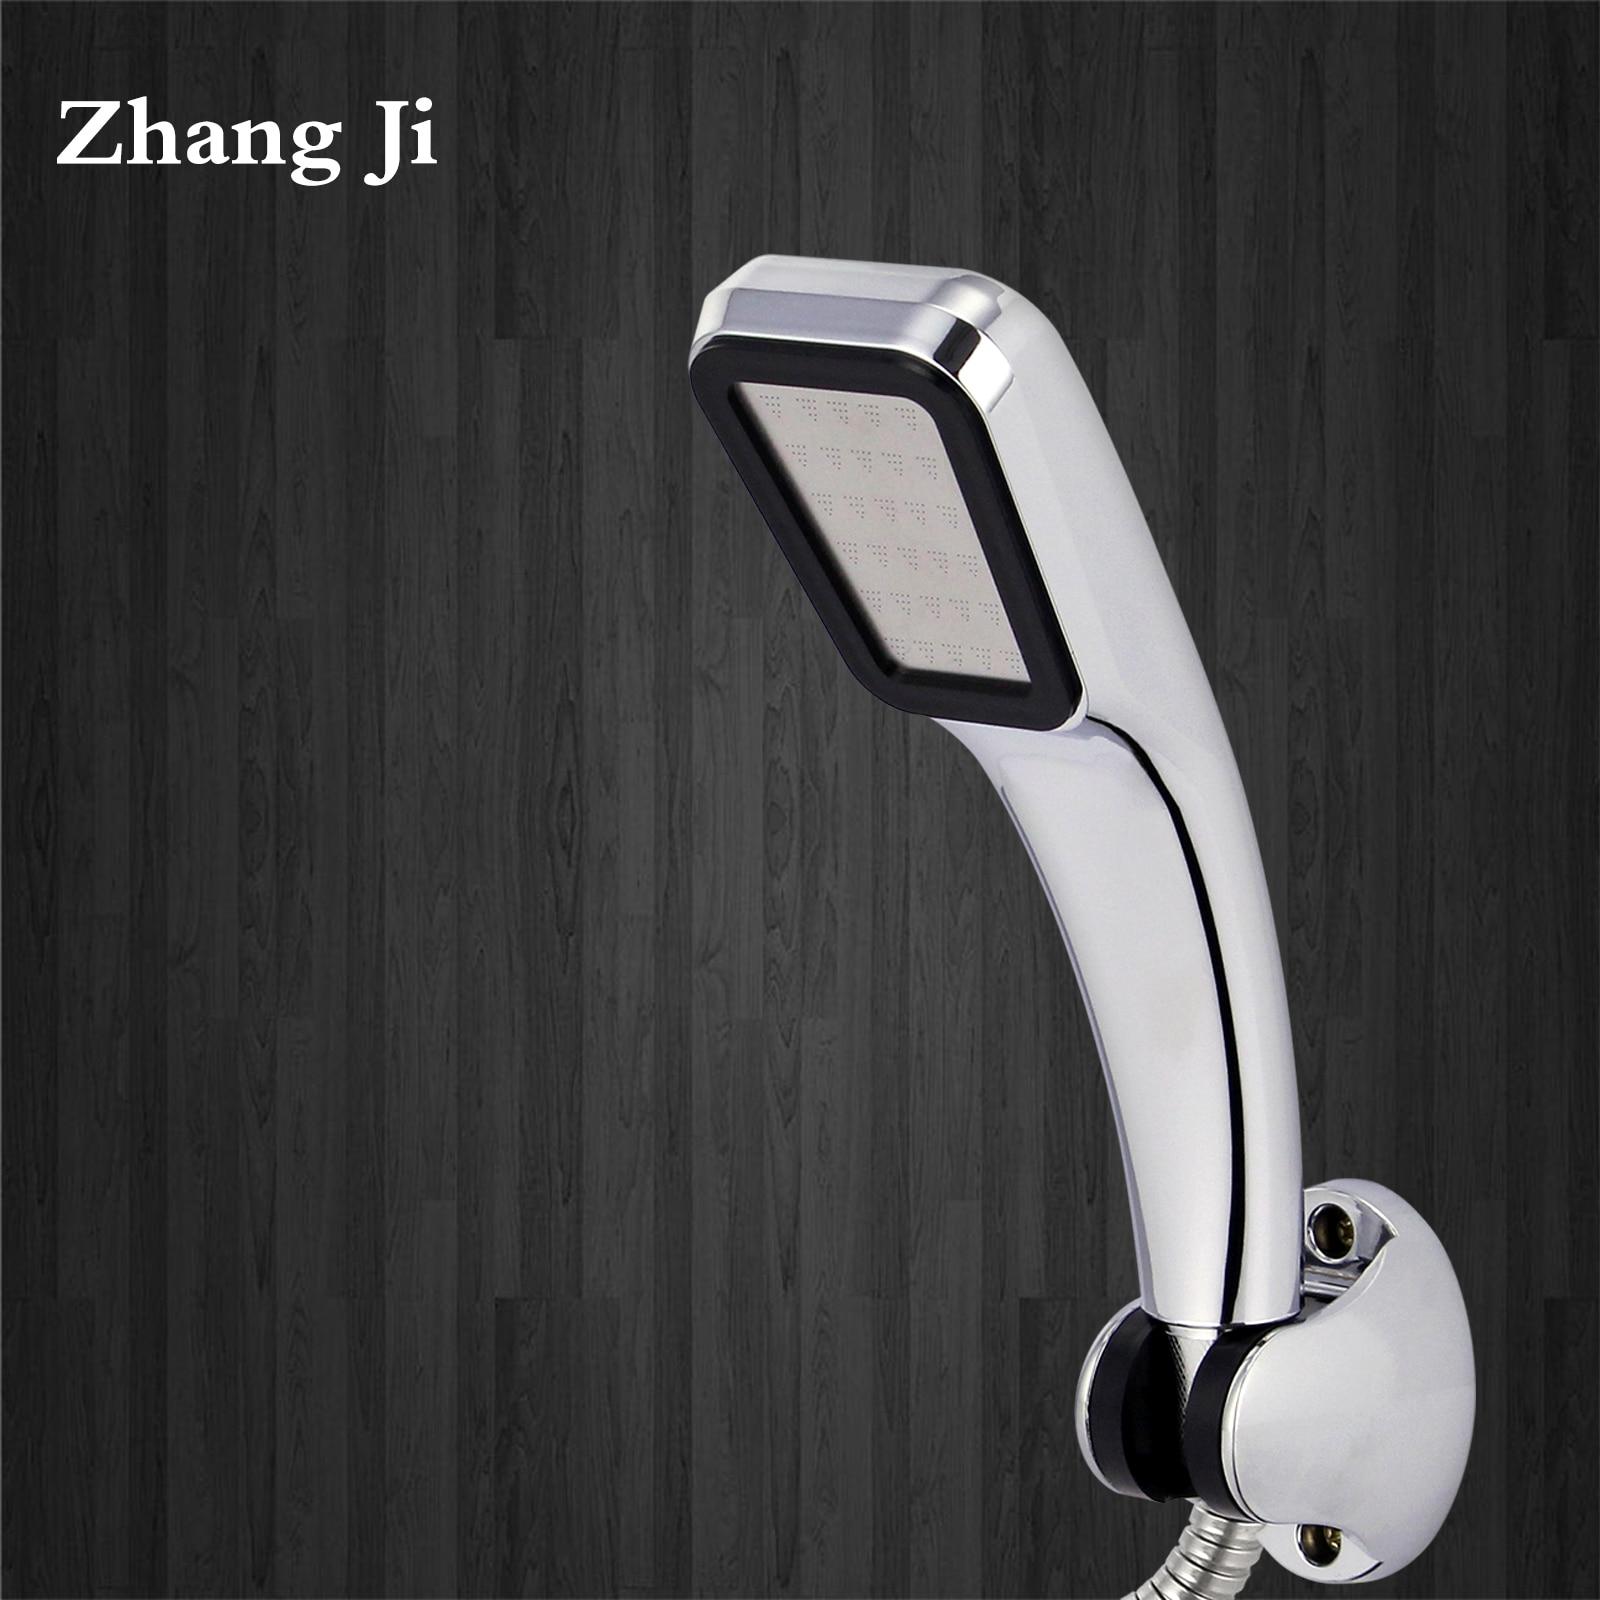 ZhangJi gorąca sprzedaż 300 otwory głowica prysznicowa oszczędzania wody przepływu z Chrome ABS deszcz rozpylacz ciśnieniowy dysza łazienka akcesoria